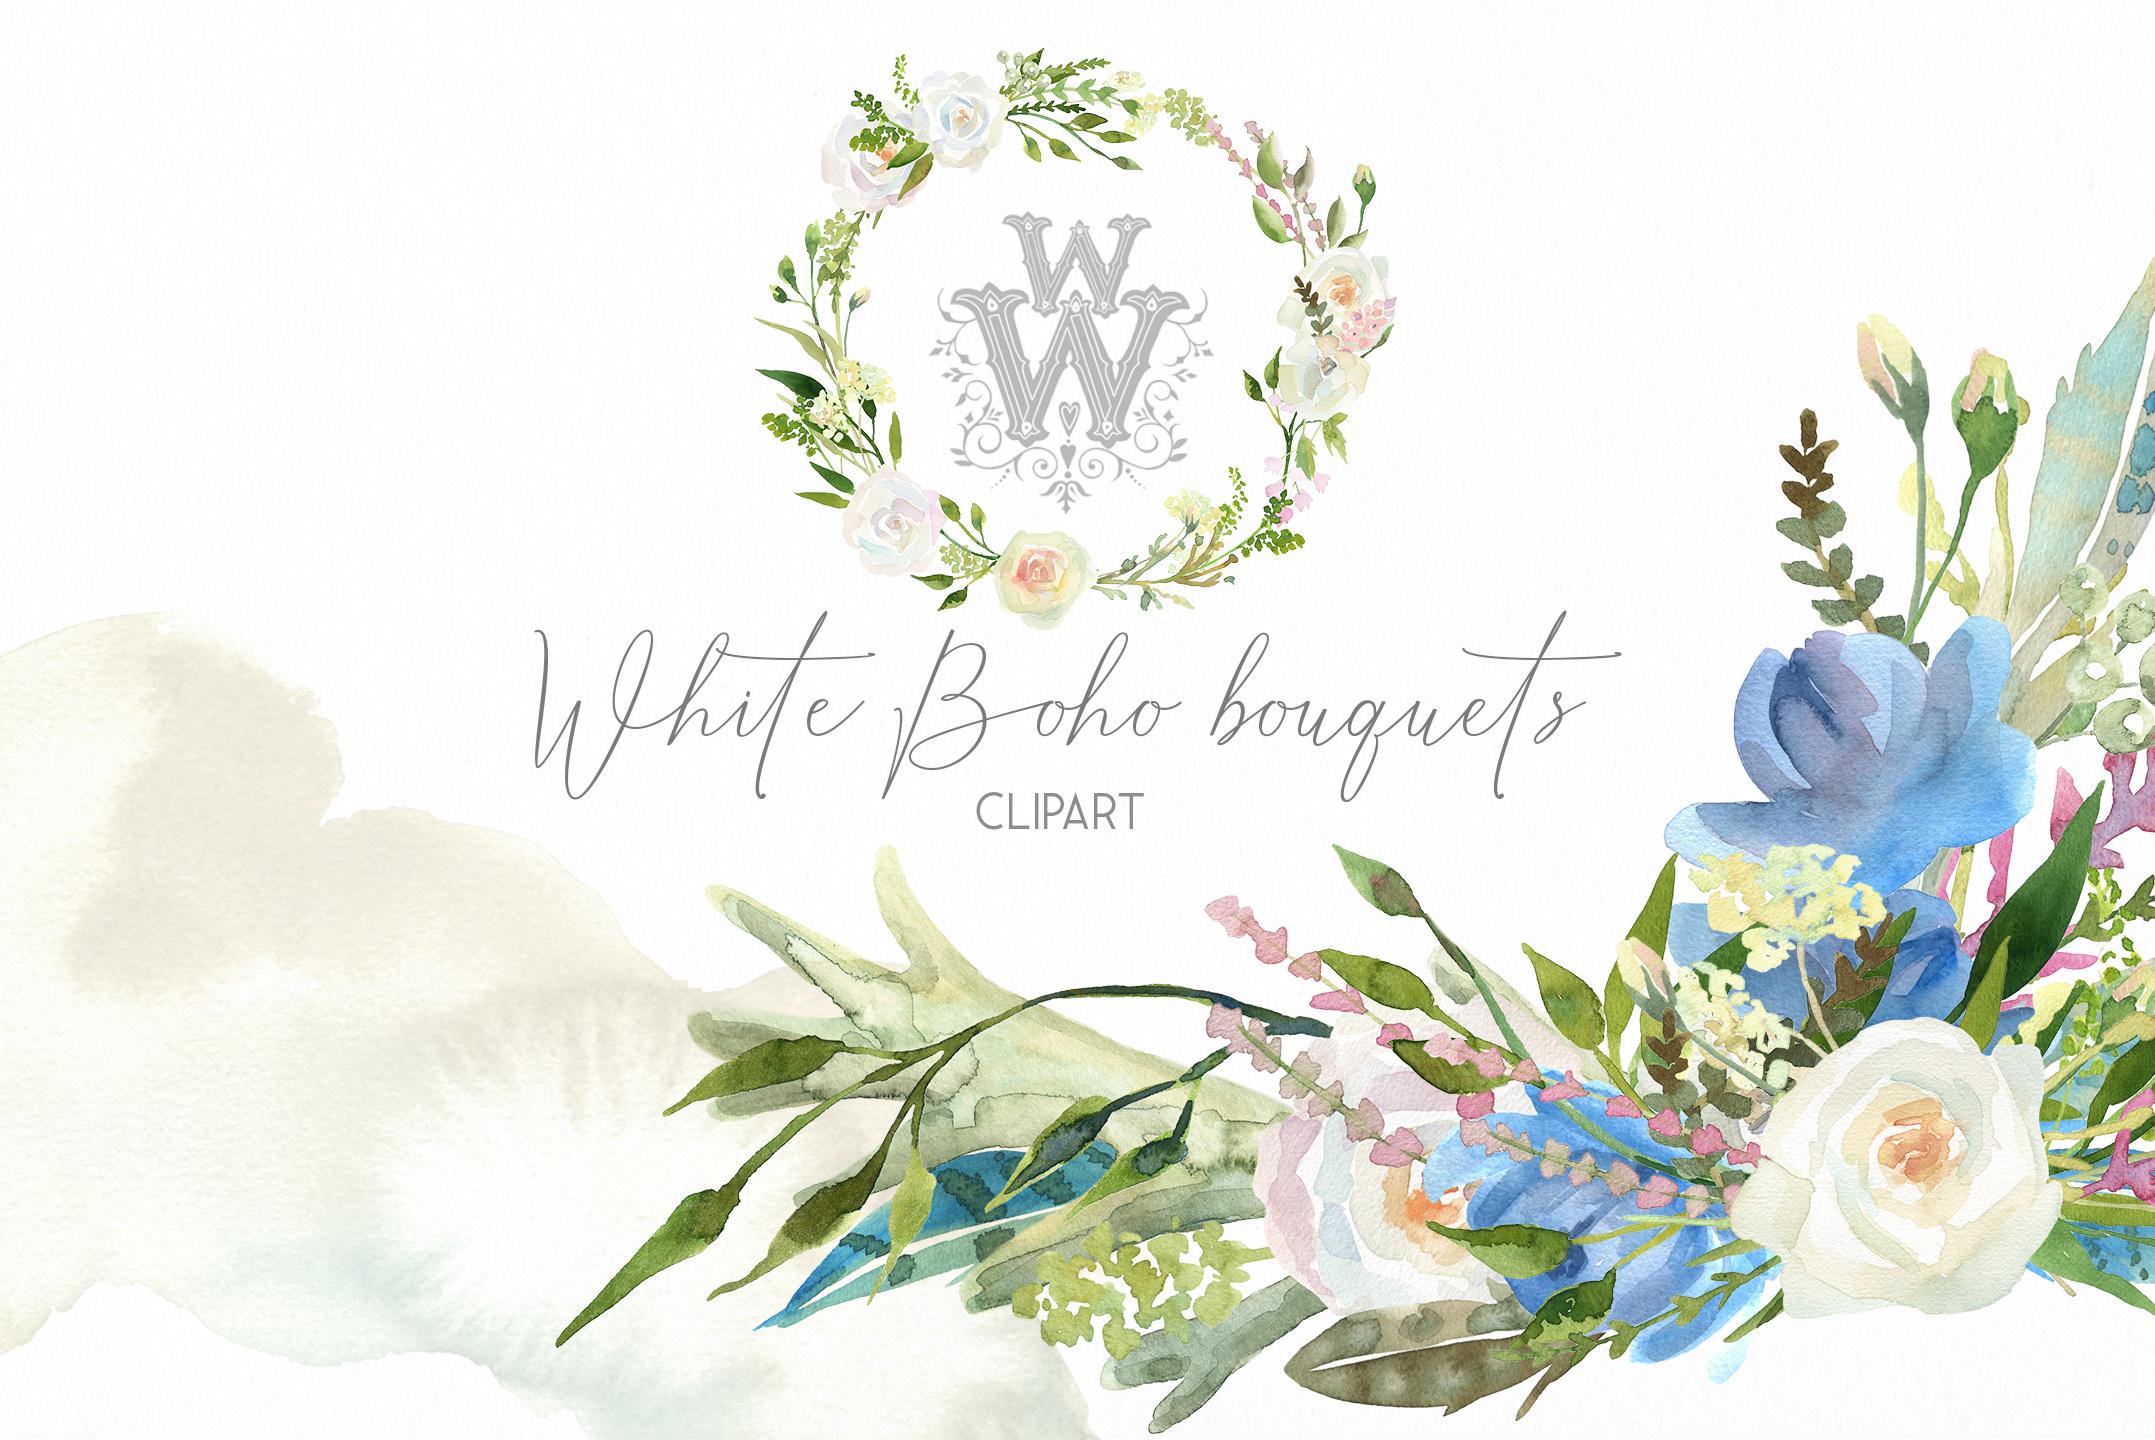 Watercolor floral wedding bouquets, boho compositios wreath example image 1